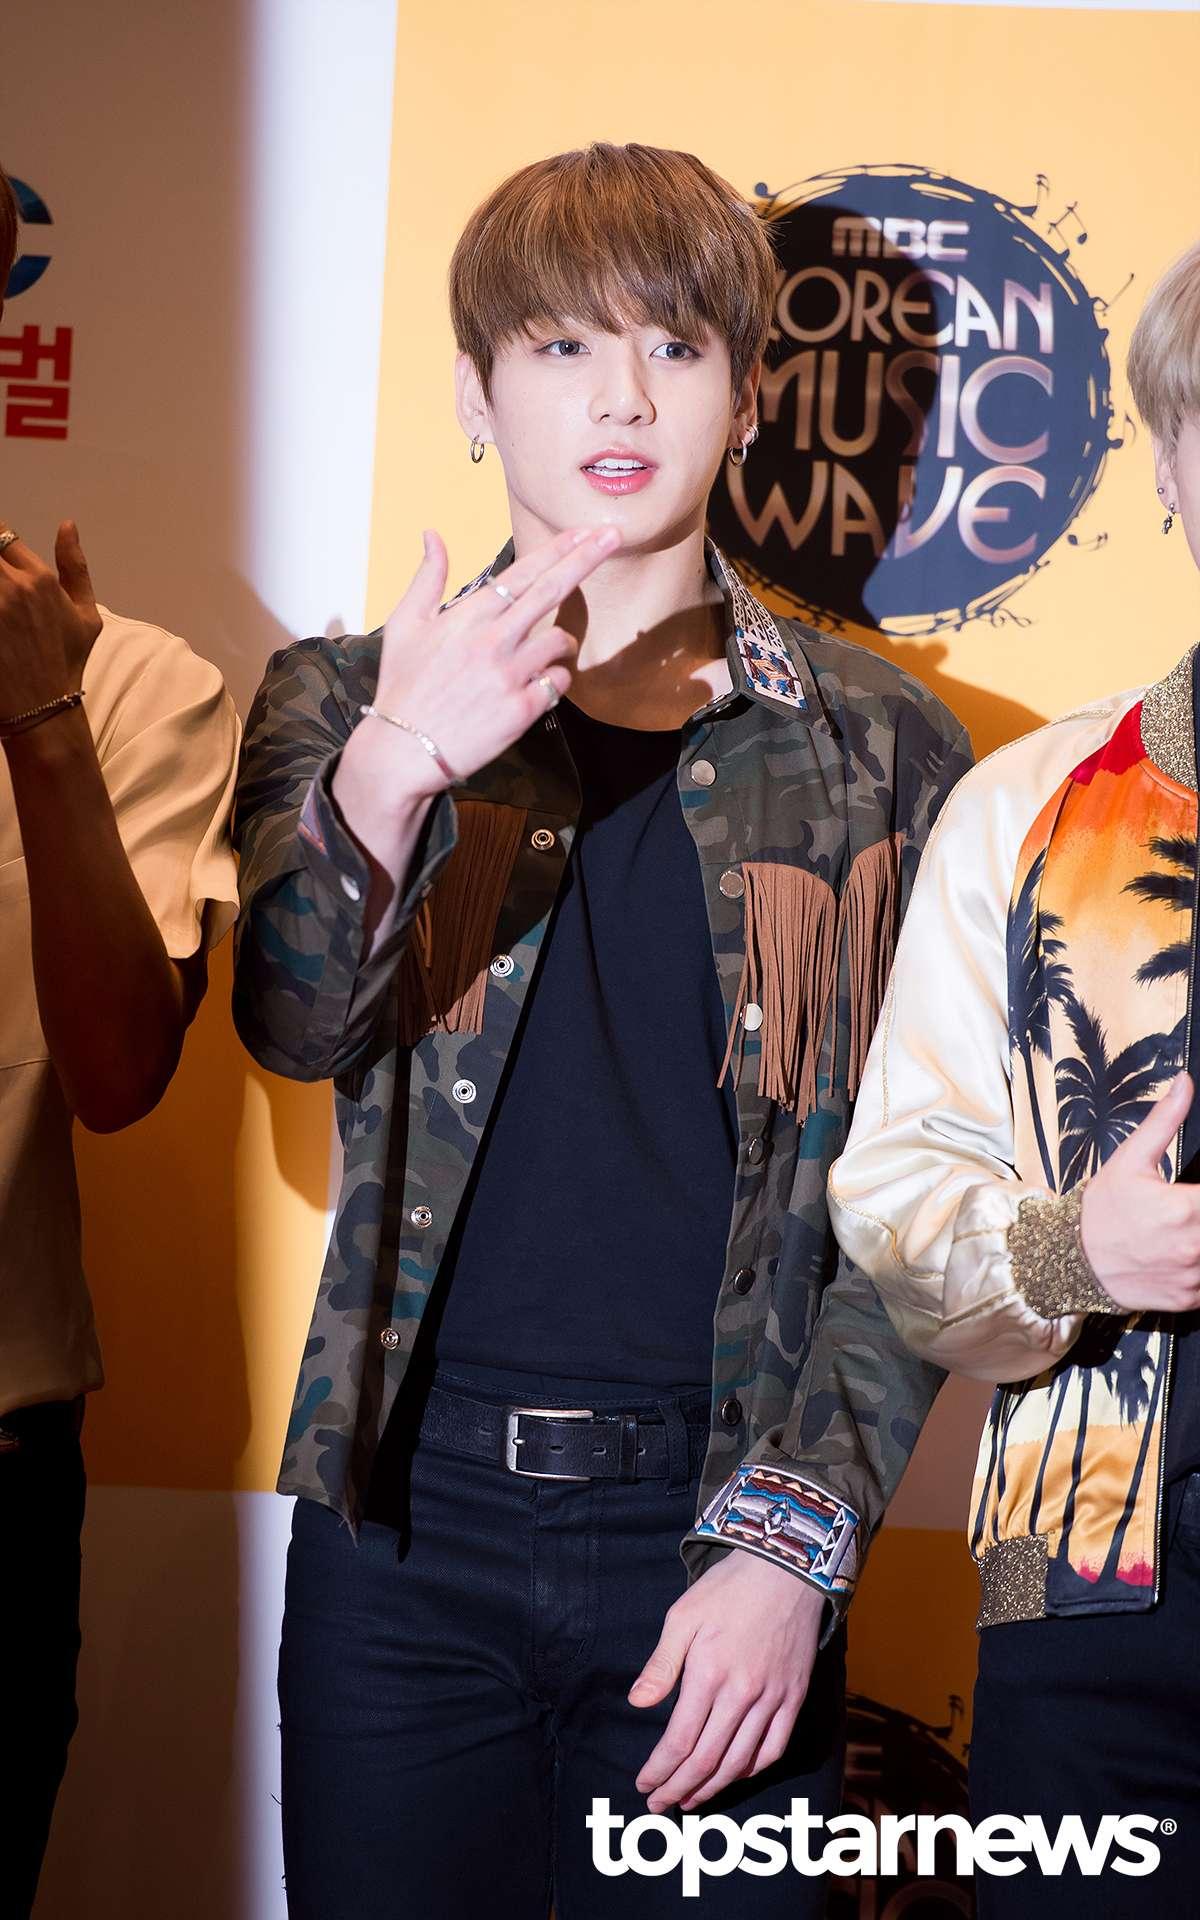 #配飾 1.誇張的首飾 隨著K-POP的流行,首飾早已不是女生的專利了,很多韓國歐巴也都在用耳環、耳釘、關節戒指、項鏈、手鏈等首飾來增加街頭時尚感,比起誇張的金色,可以選銀色來戴。